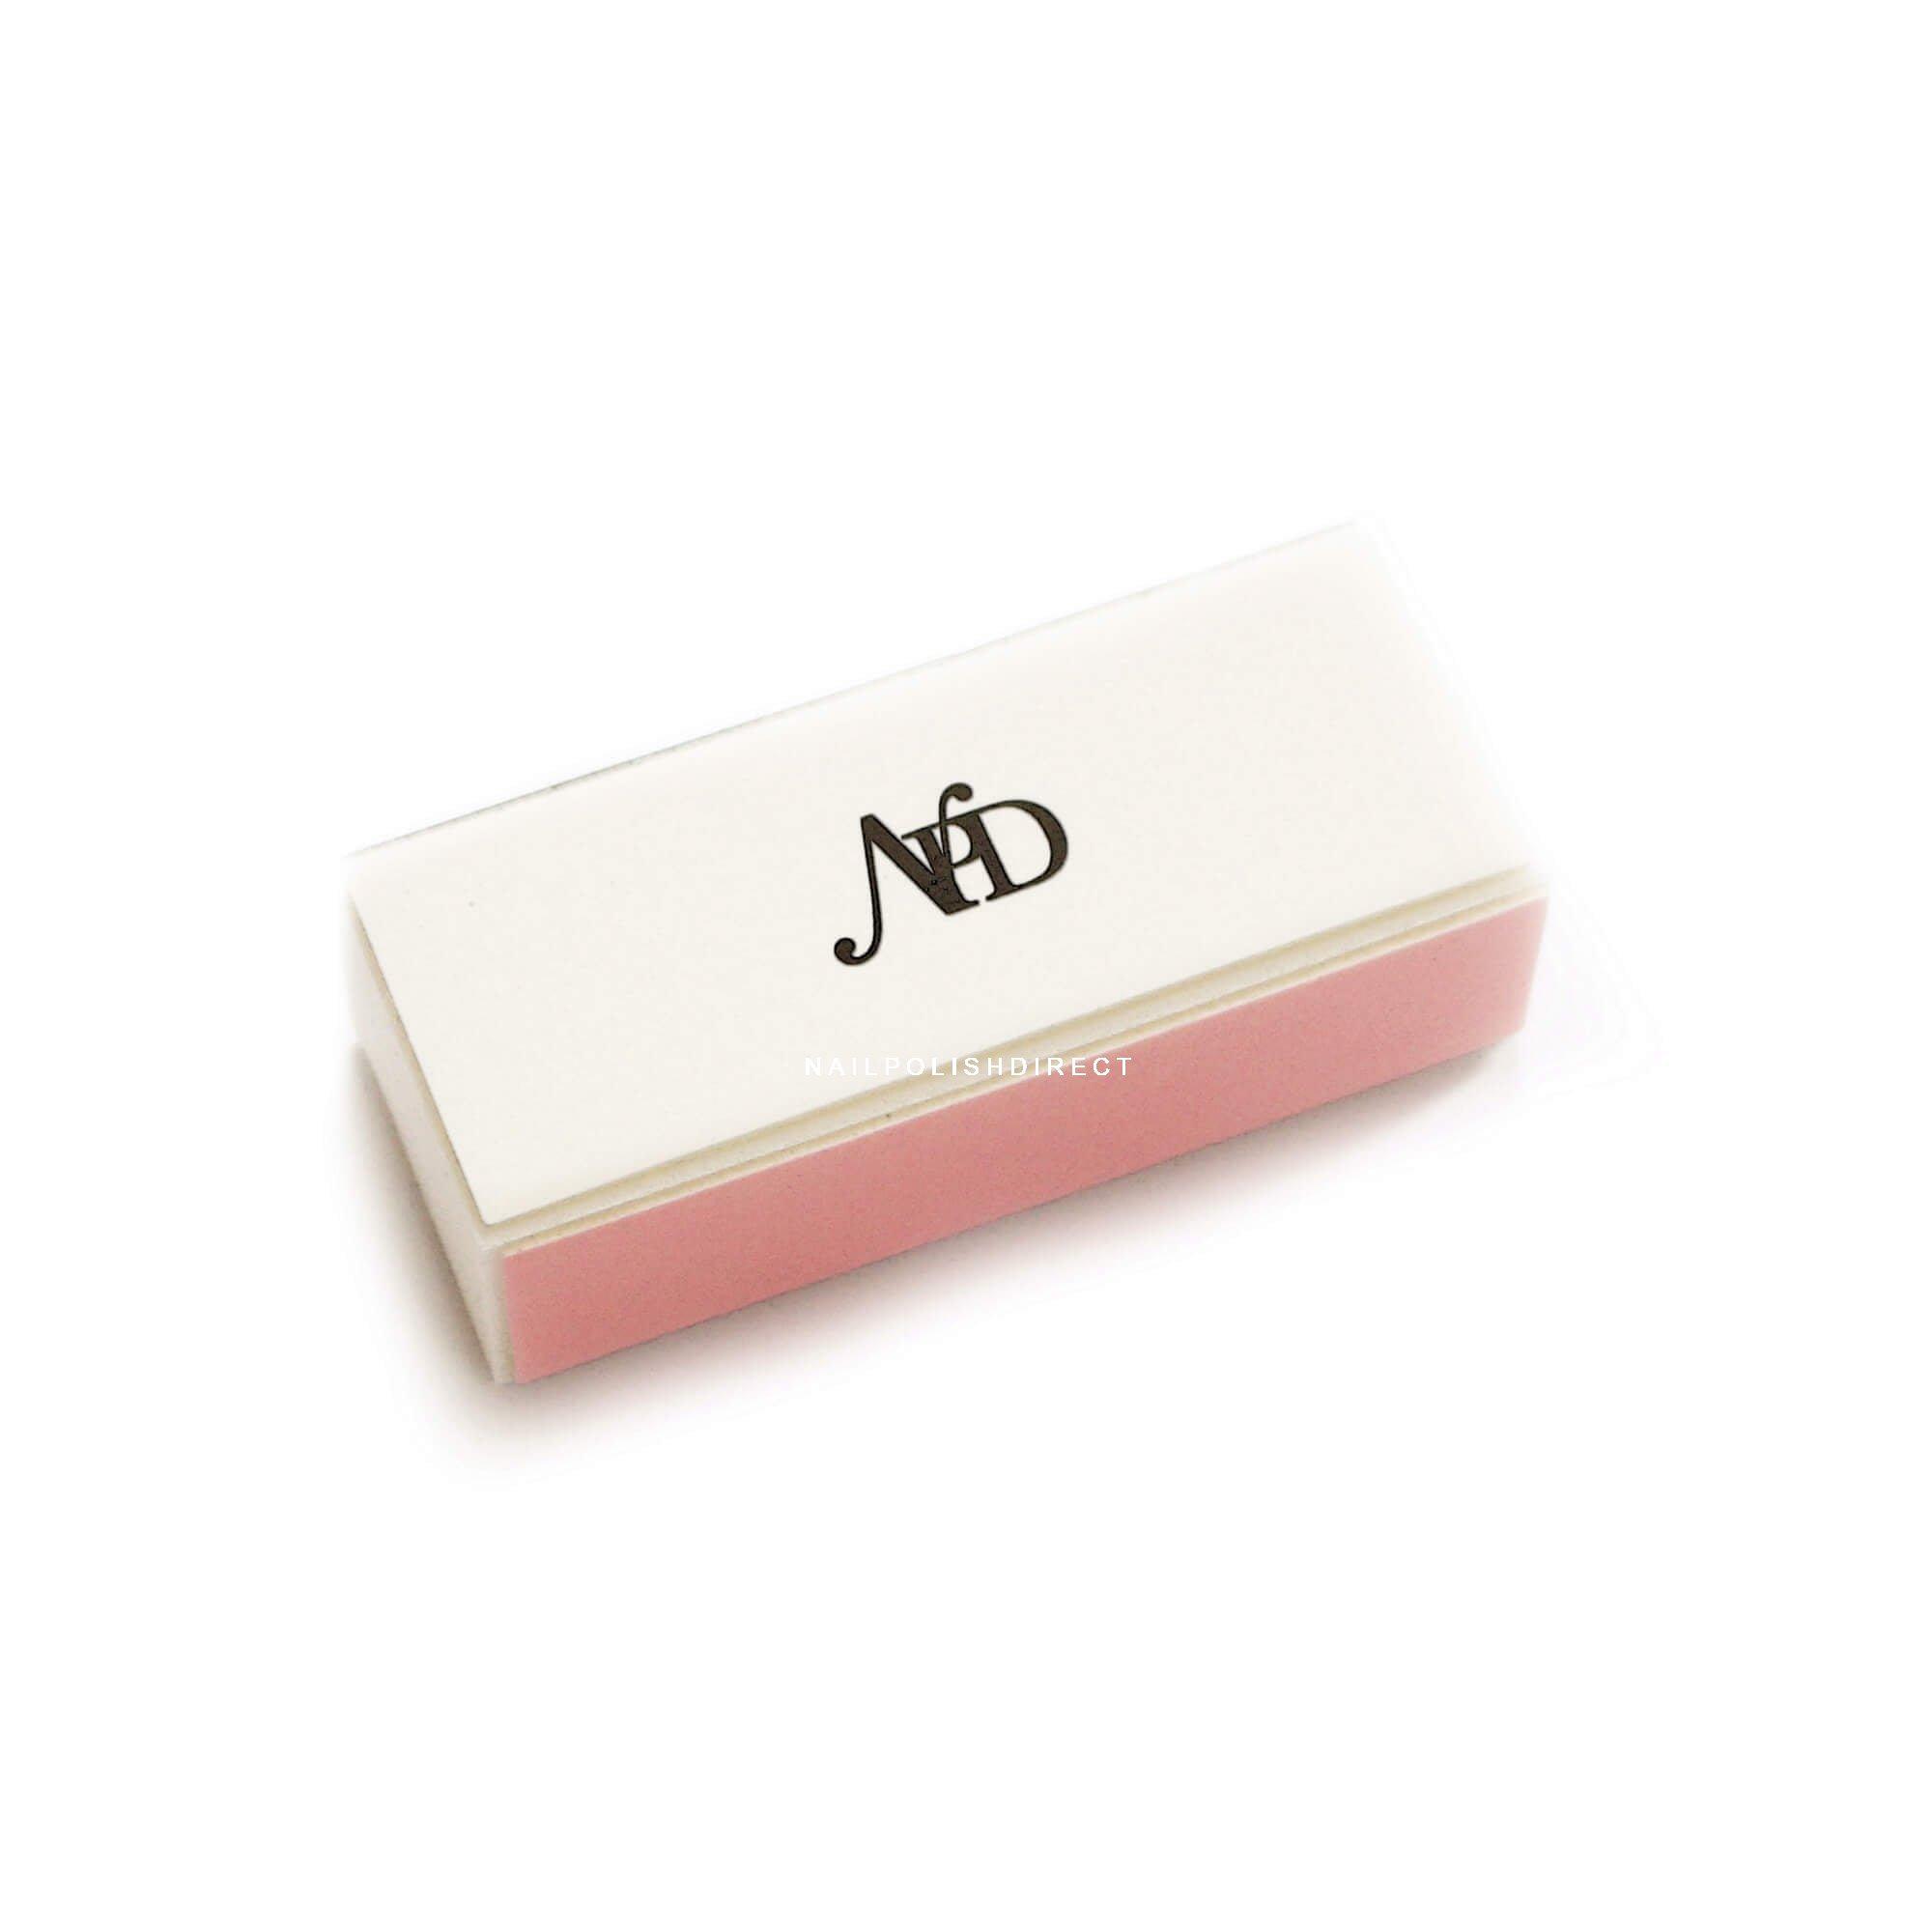 Nail Polish Direct White & Pink 4 Way Block Nail File